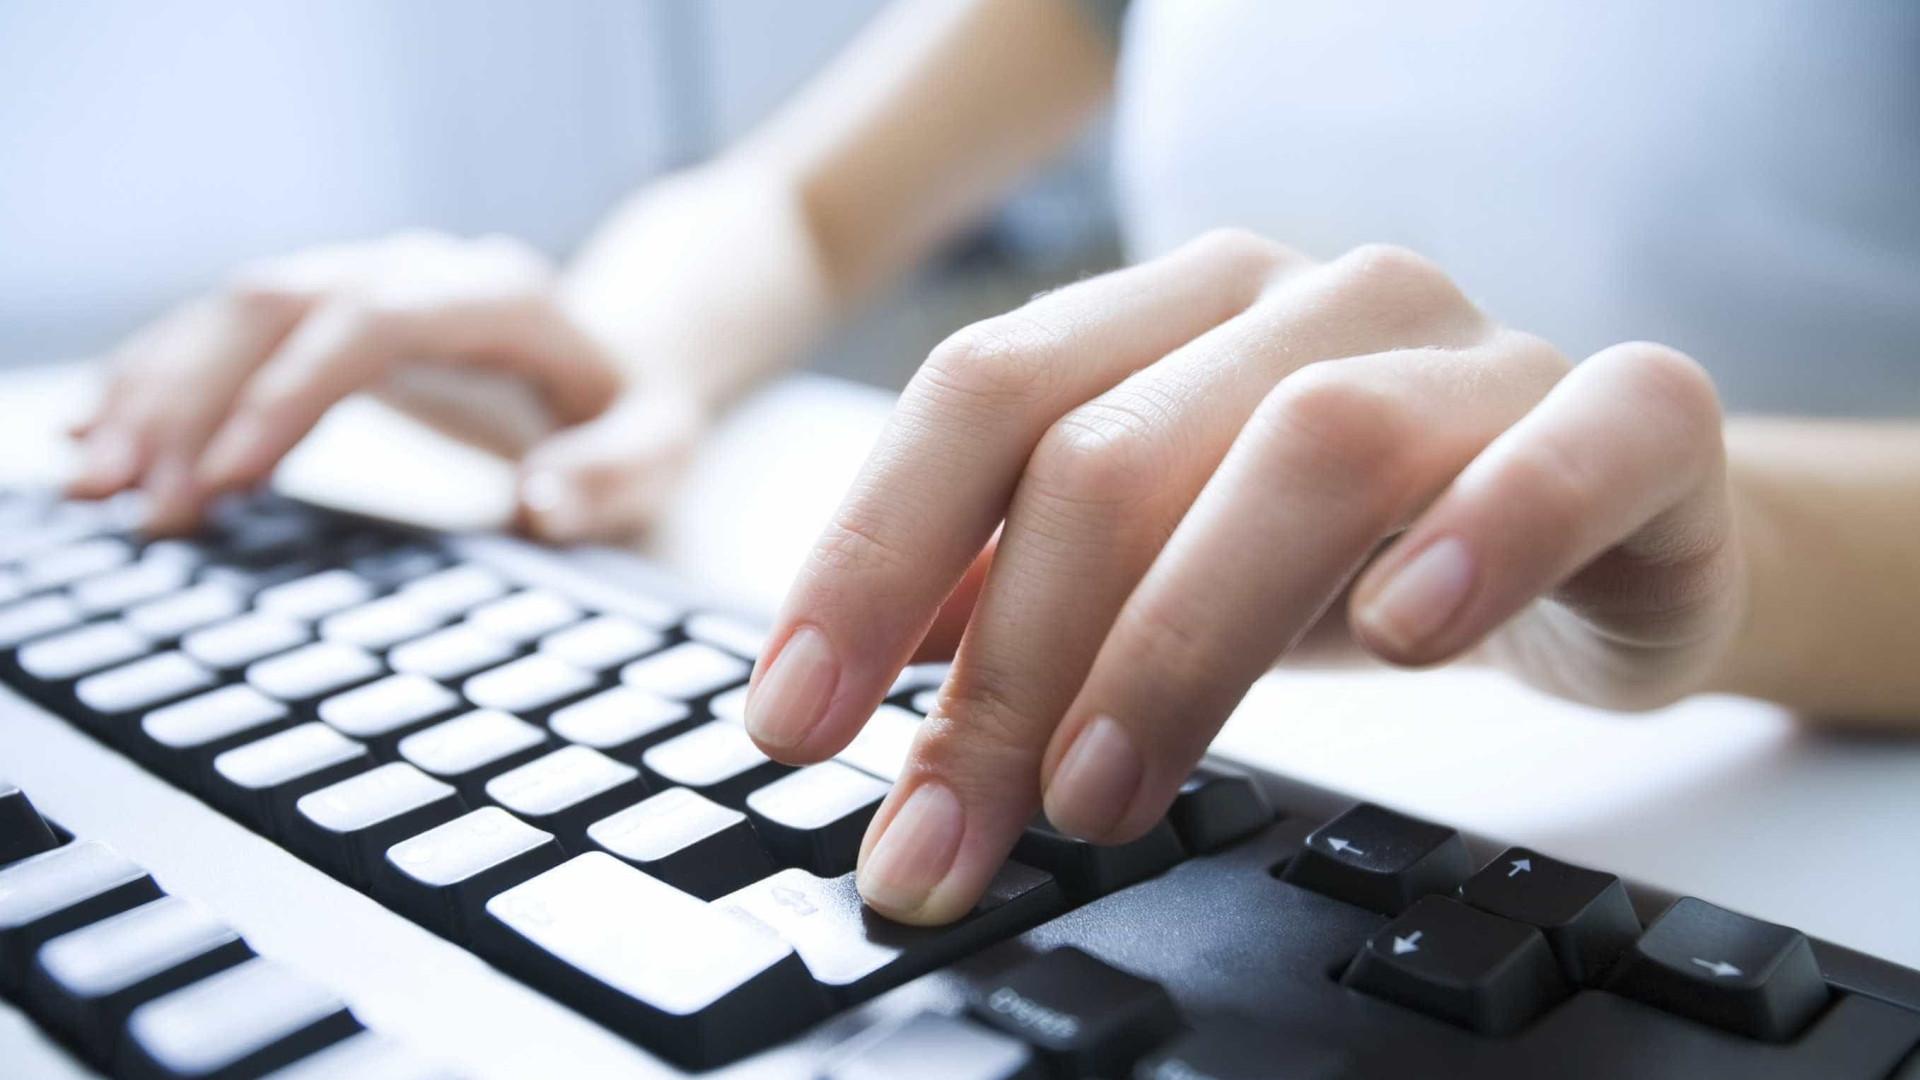 Cibersegurança: Portugal tem nível de proteção elevado